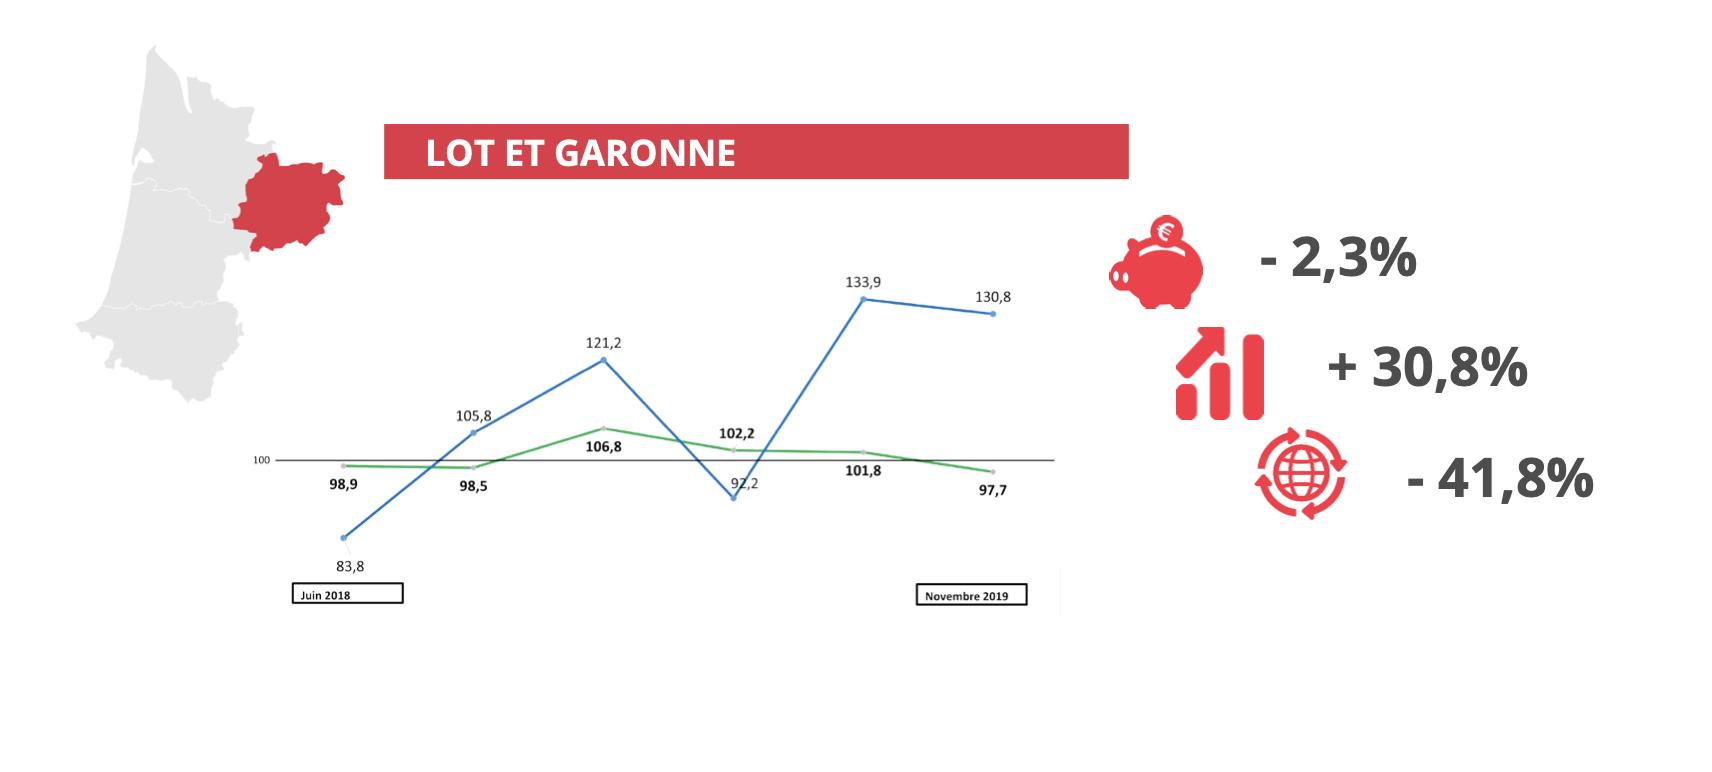 Baromètre économique novembre 2019 - Lot et Garonne